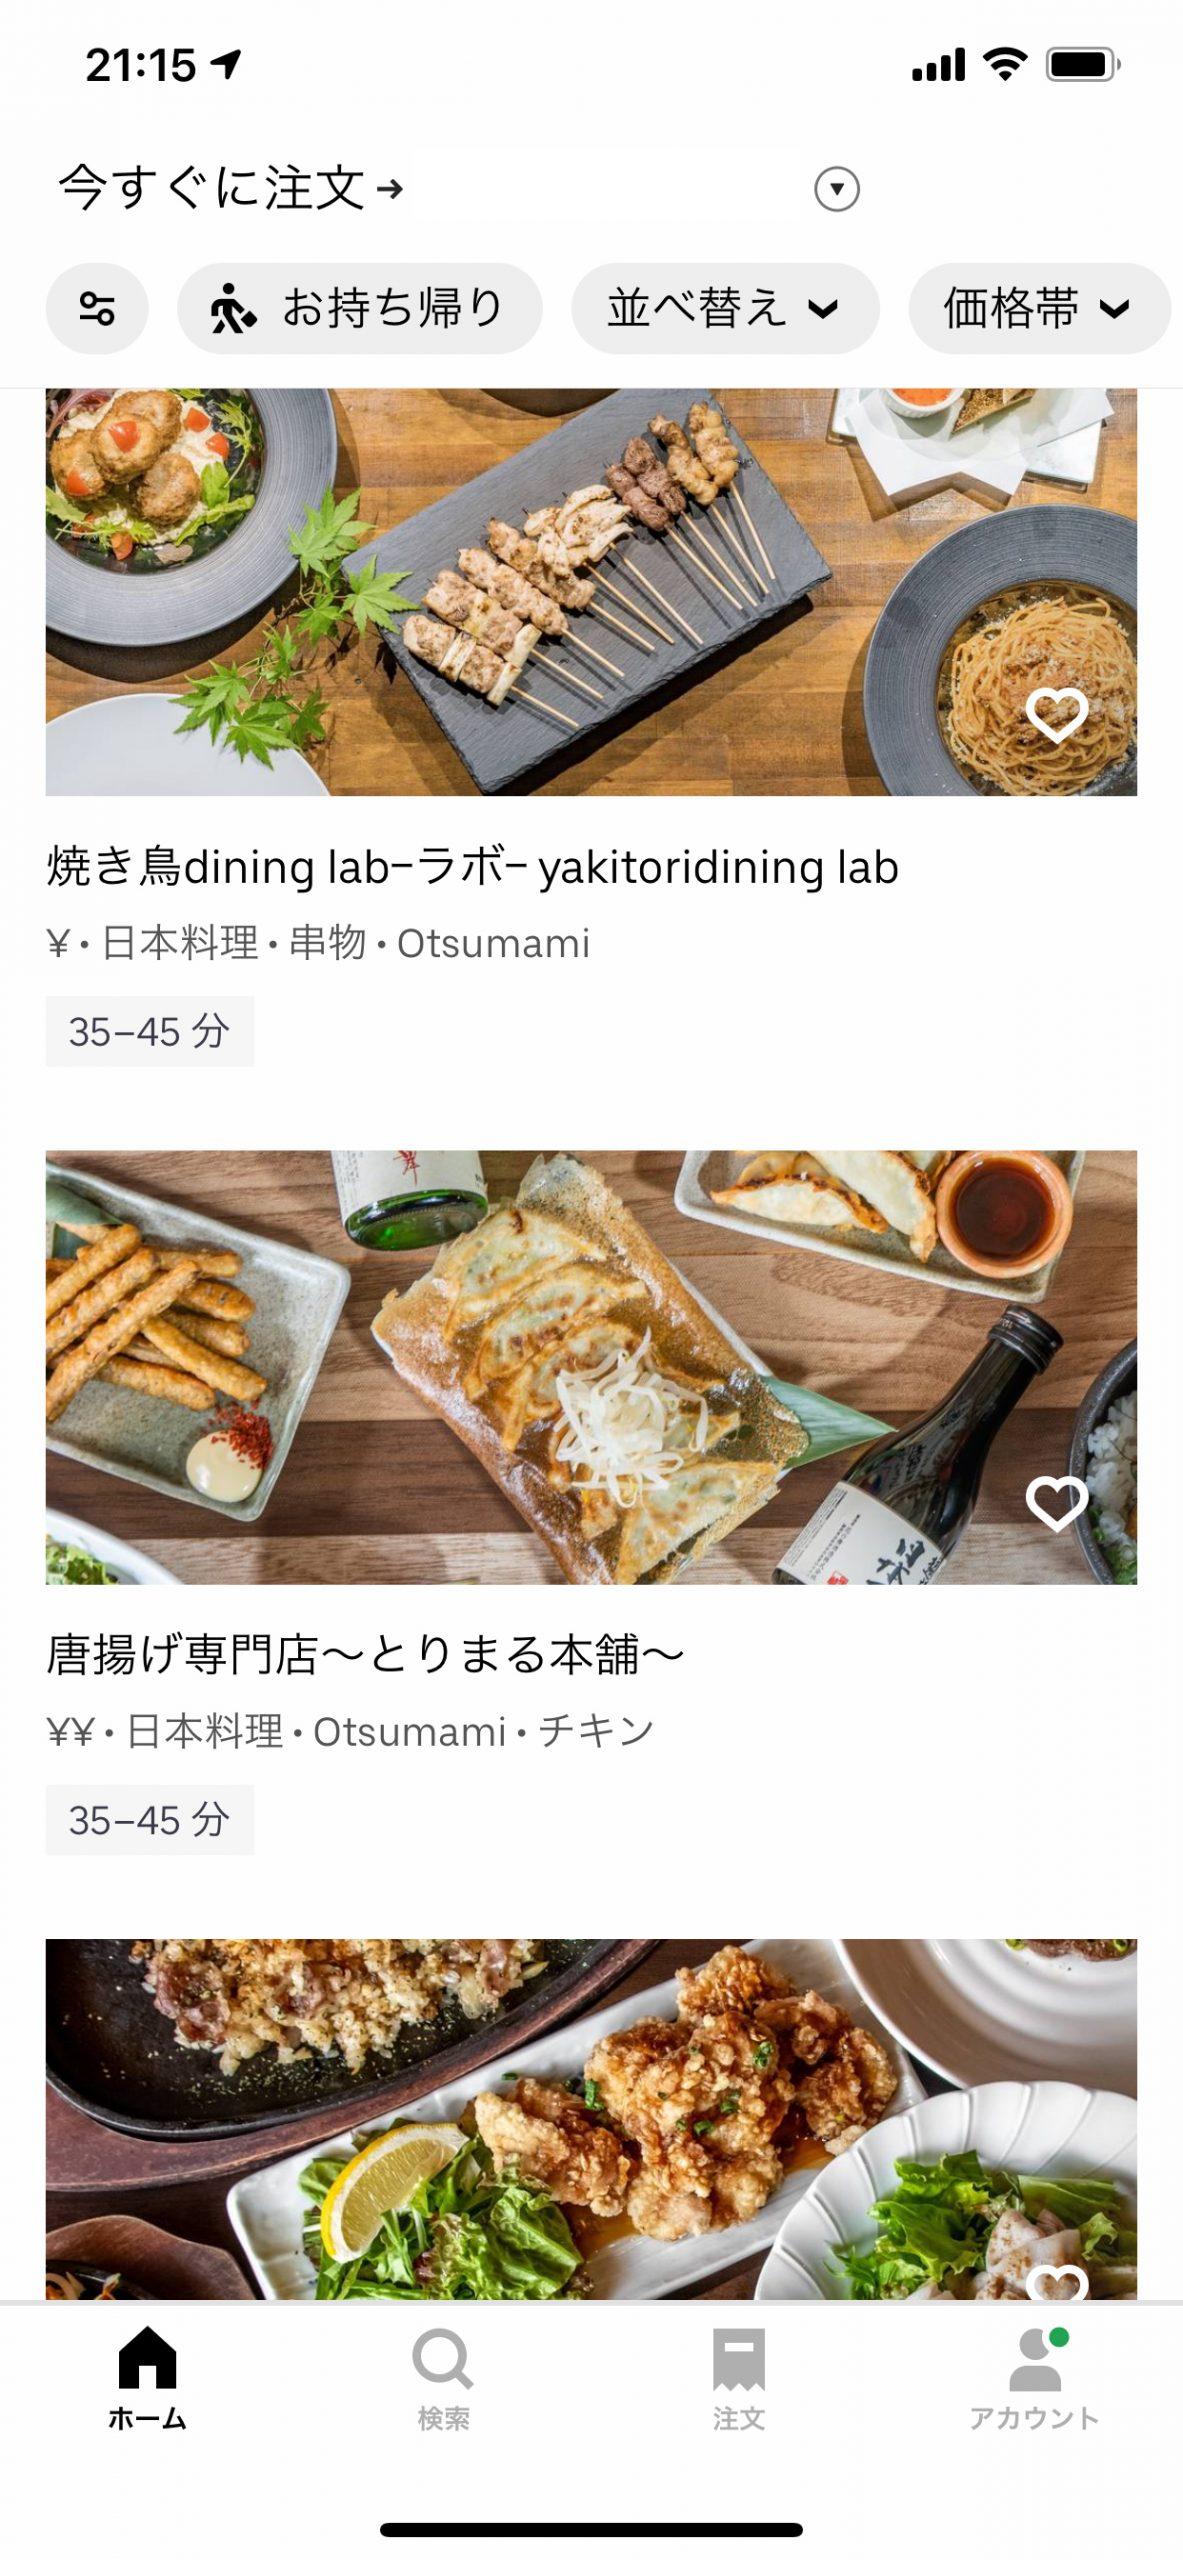 Uber Eatsがいよいよ静岡県浜松市で開始